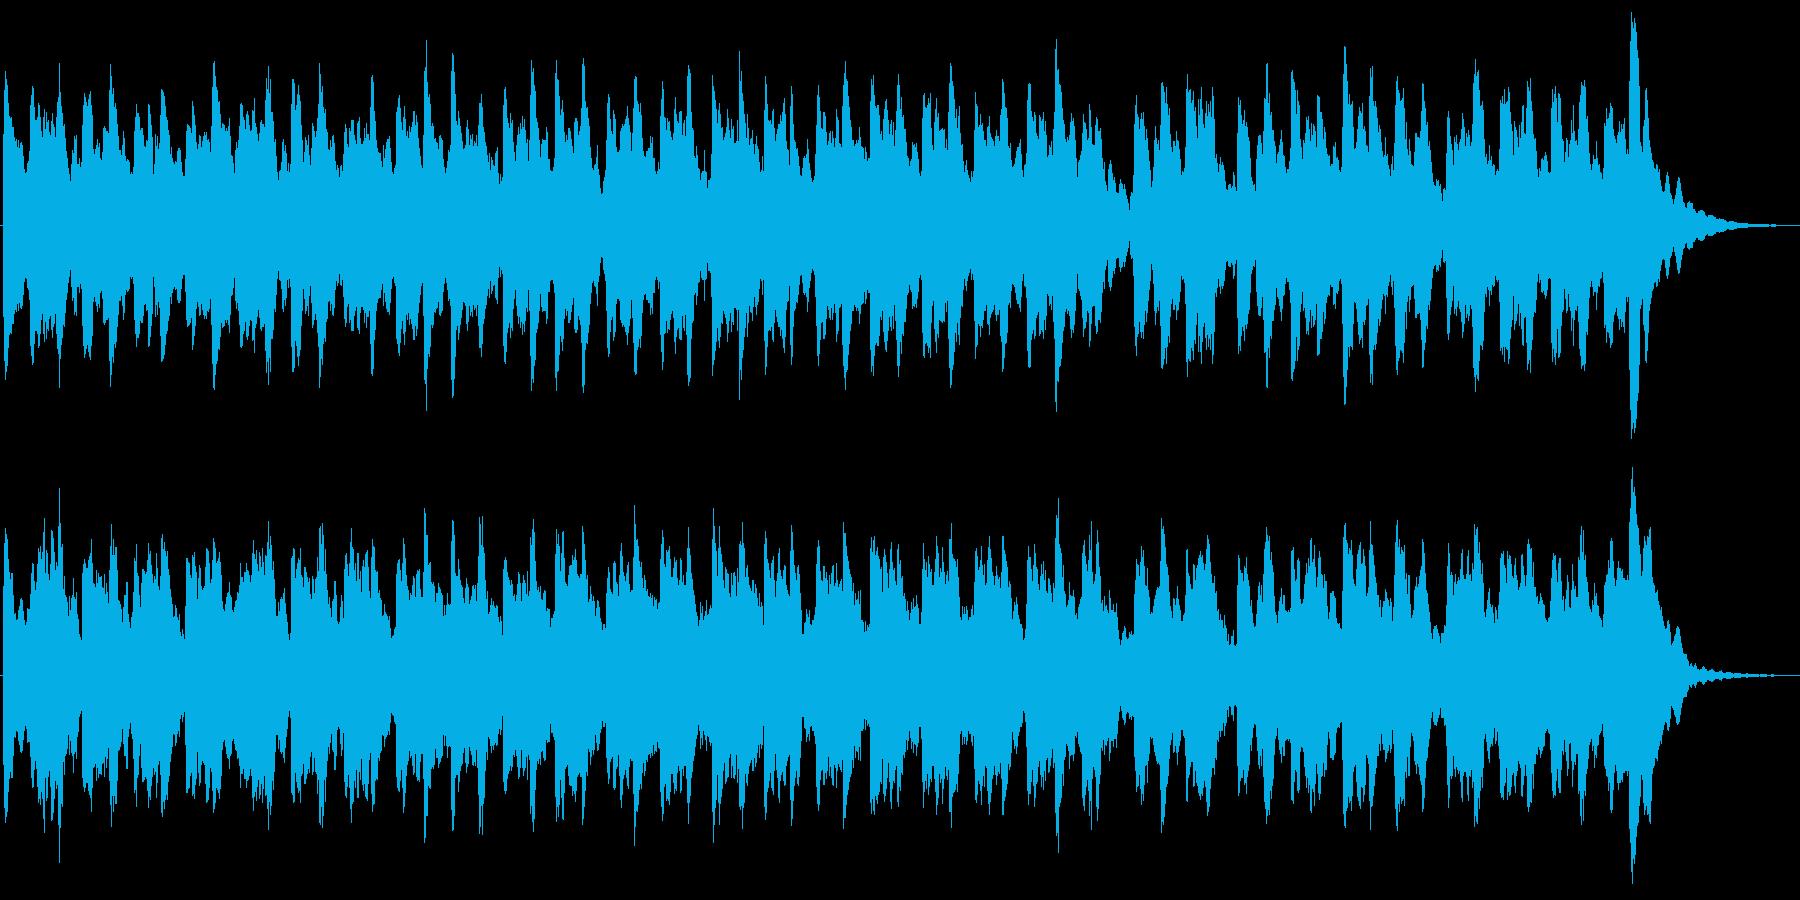 ビブラフォンの30秒キラキラチャイムの再生済みの波形